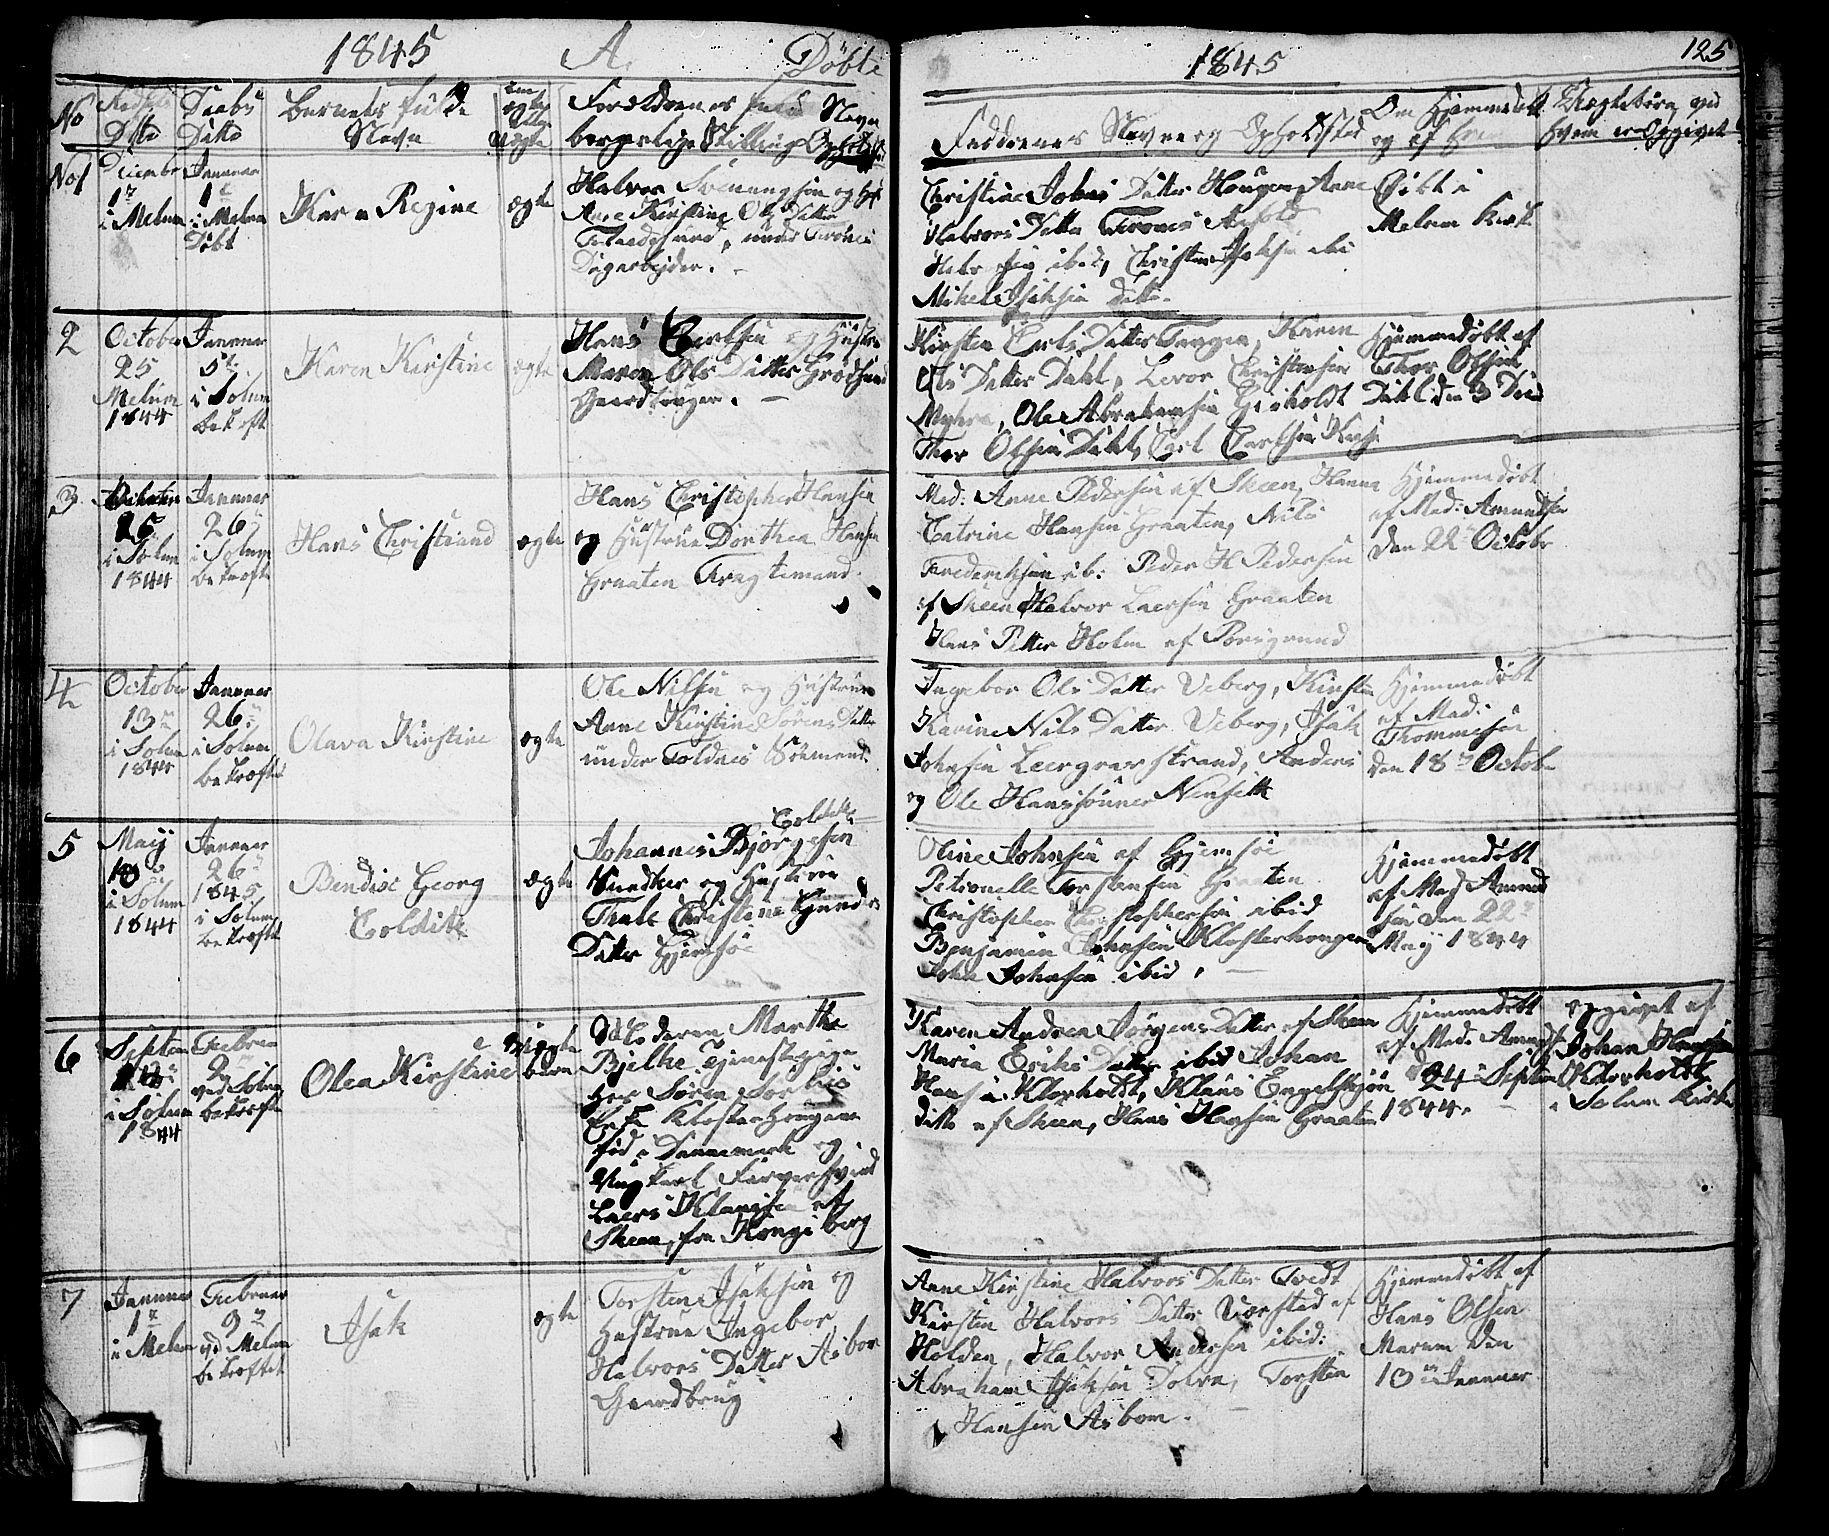 SAKO, Solum kirkebøker, G/Ga/L0002: Klokkerbok nr. I 2, 1834-1848, s. 125